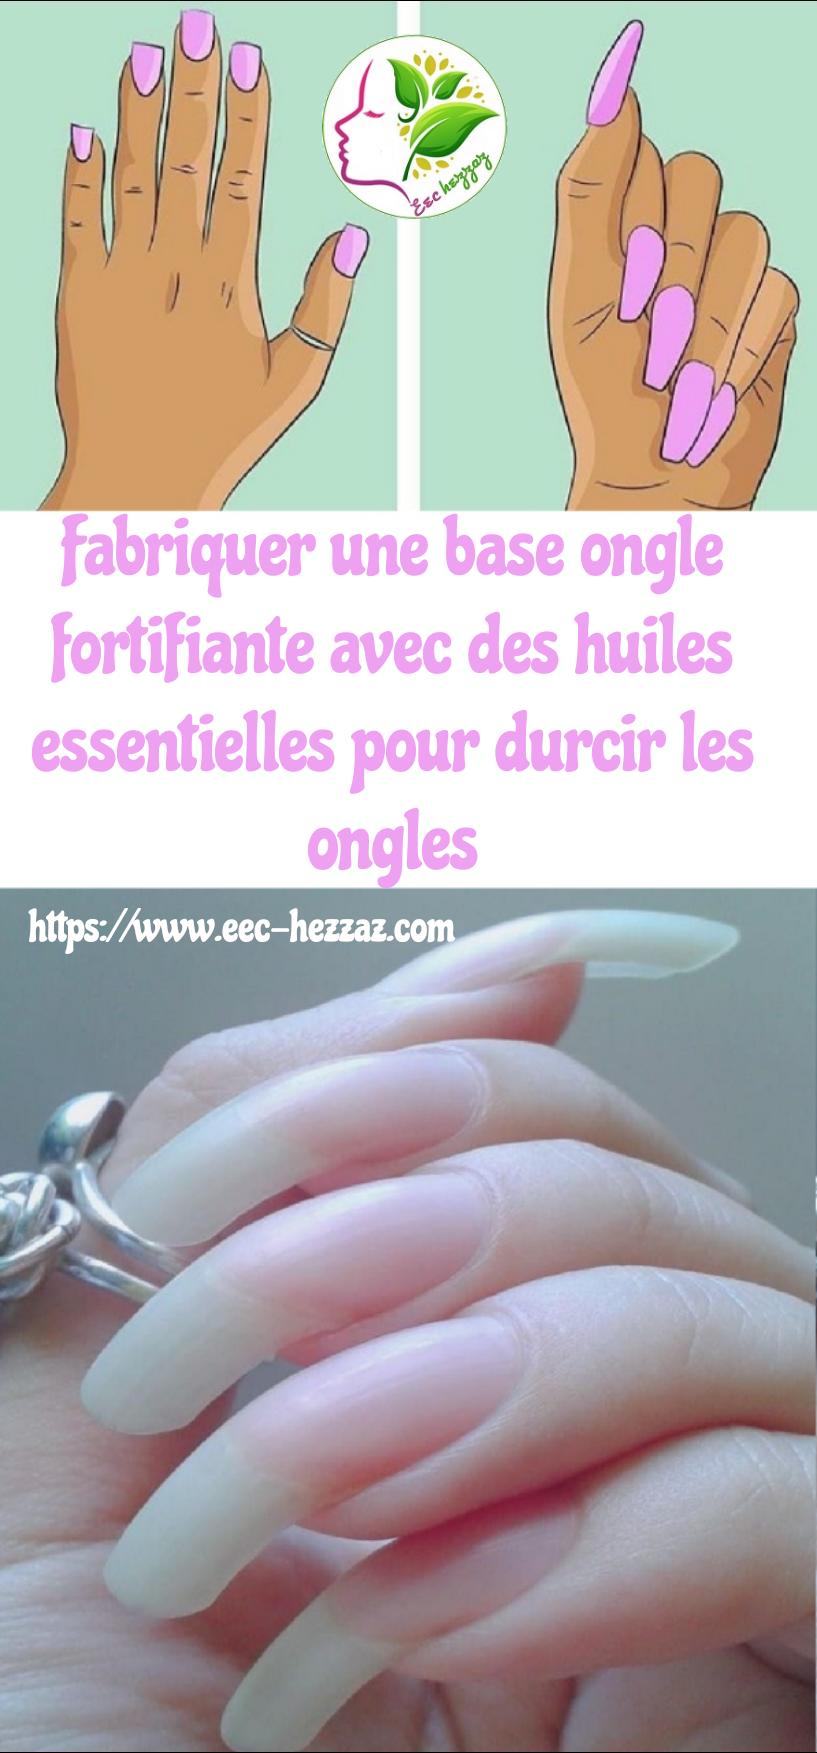 Fabriquer une base ongle fortifiante avec des huiles essentielles pour durcir les ongles